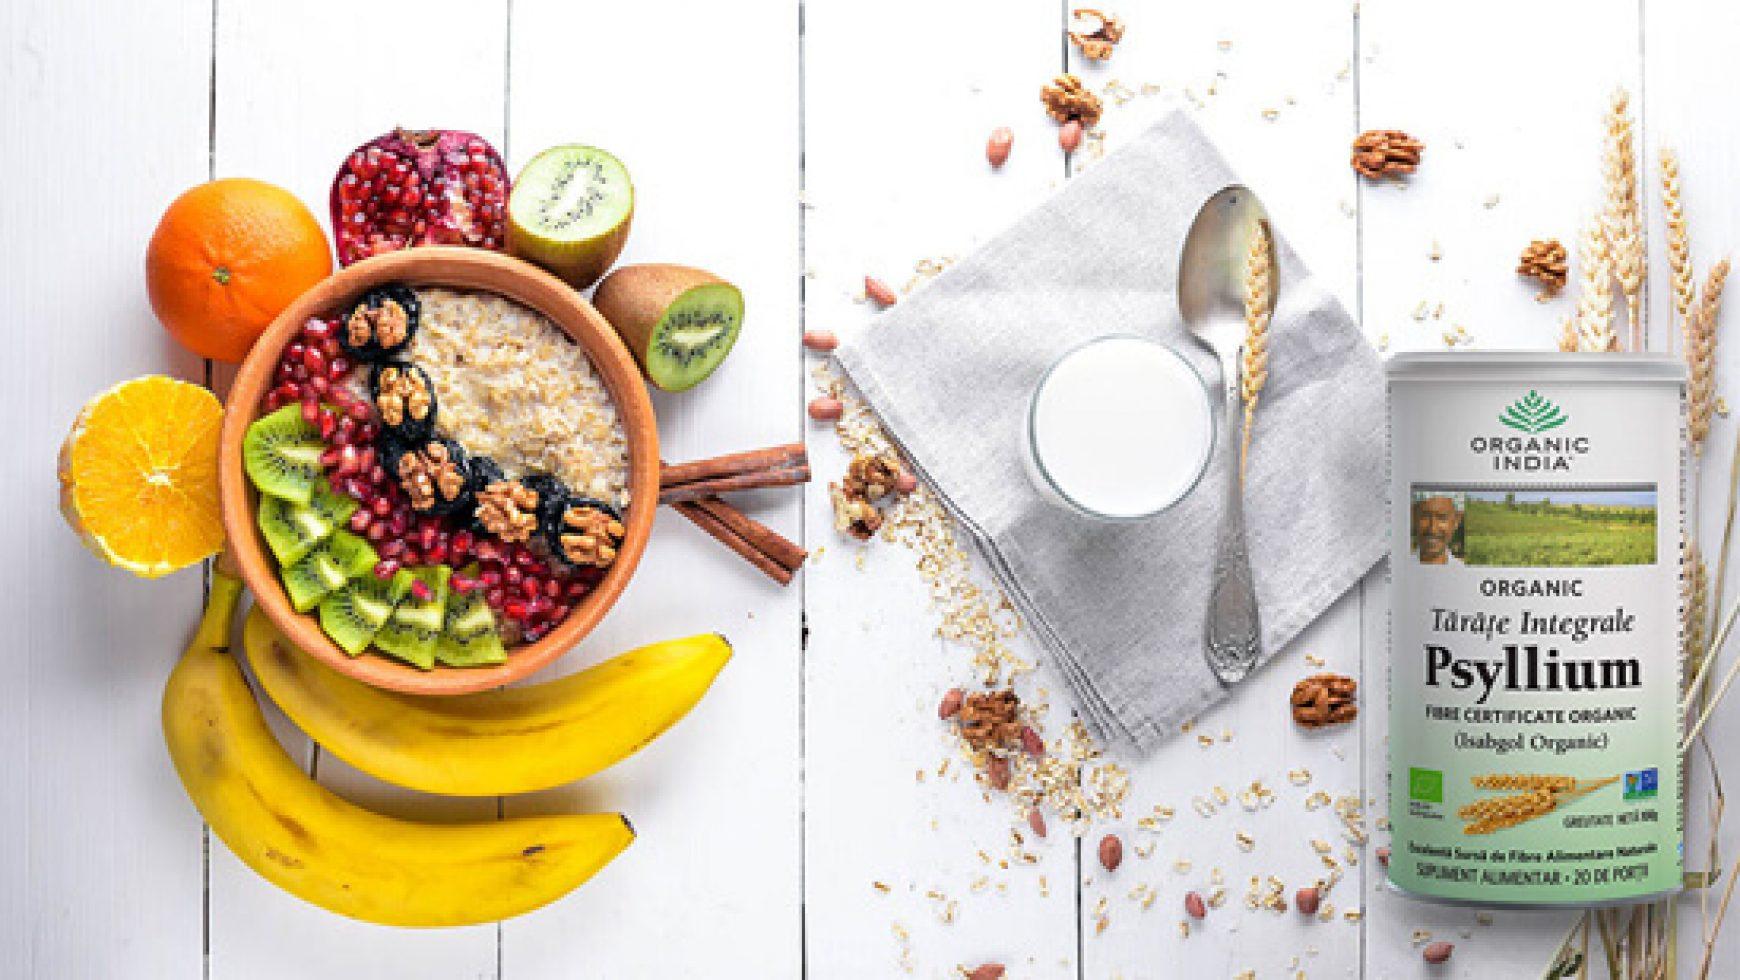 Cum sa faci un mic dejun sanatos cu tarate integrale de psyllium?